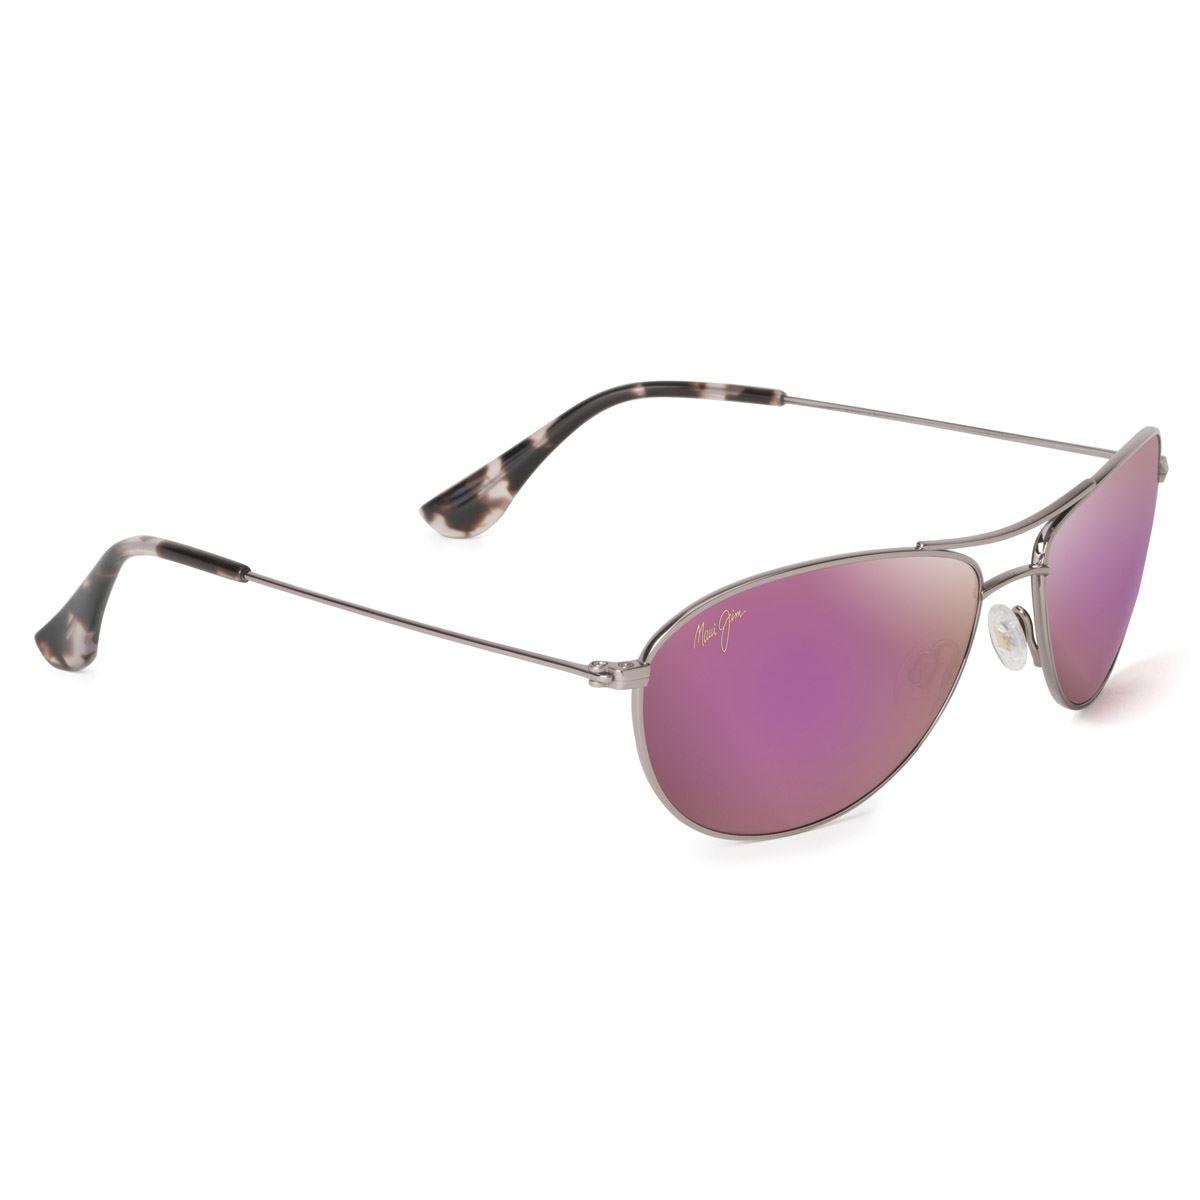 Solar MJ P245-16R Baby Beach clasico con montura en titanio y Lente Maui Pure color Rosa